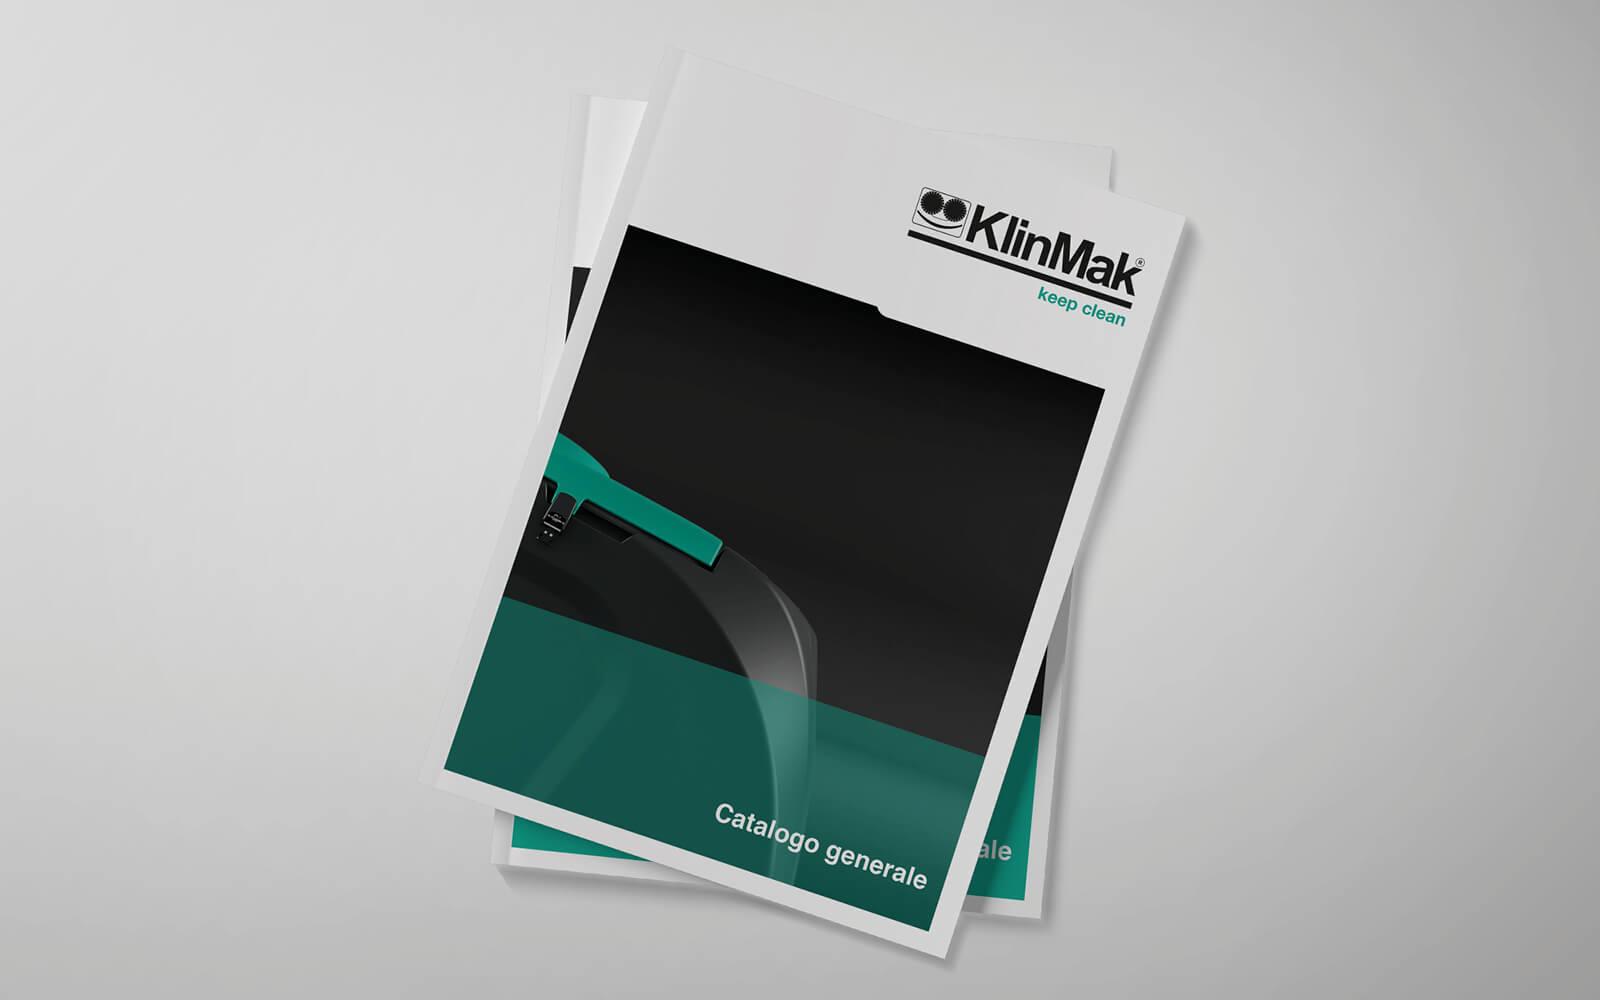 copertina catalogo prodotti pulizia progetto della agenzia di comunicazione diade studio arco di trento